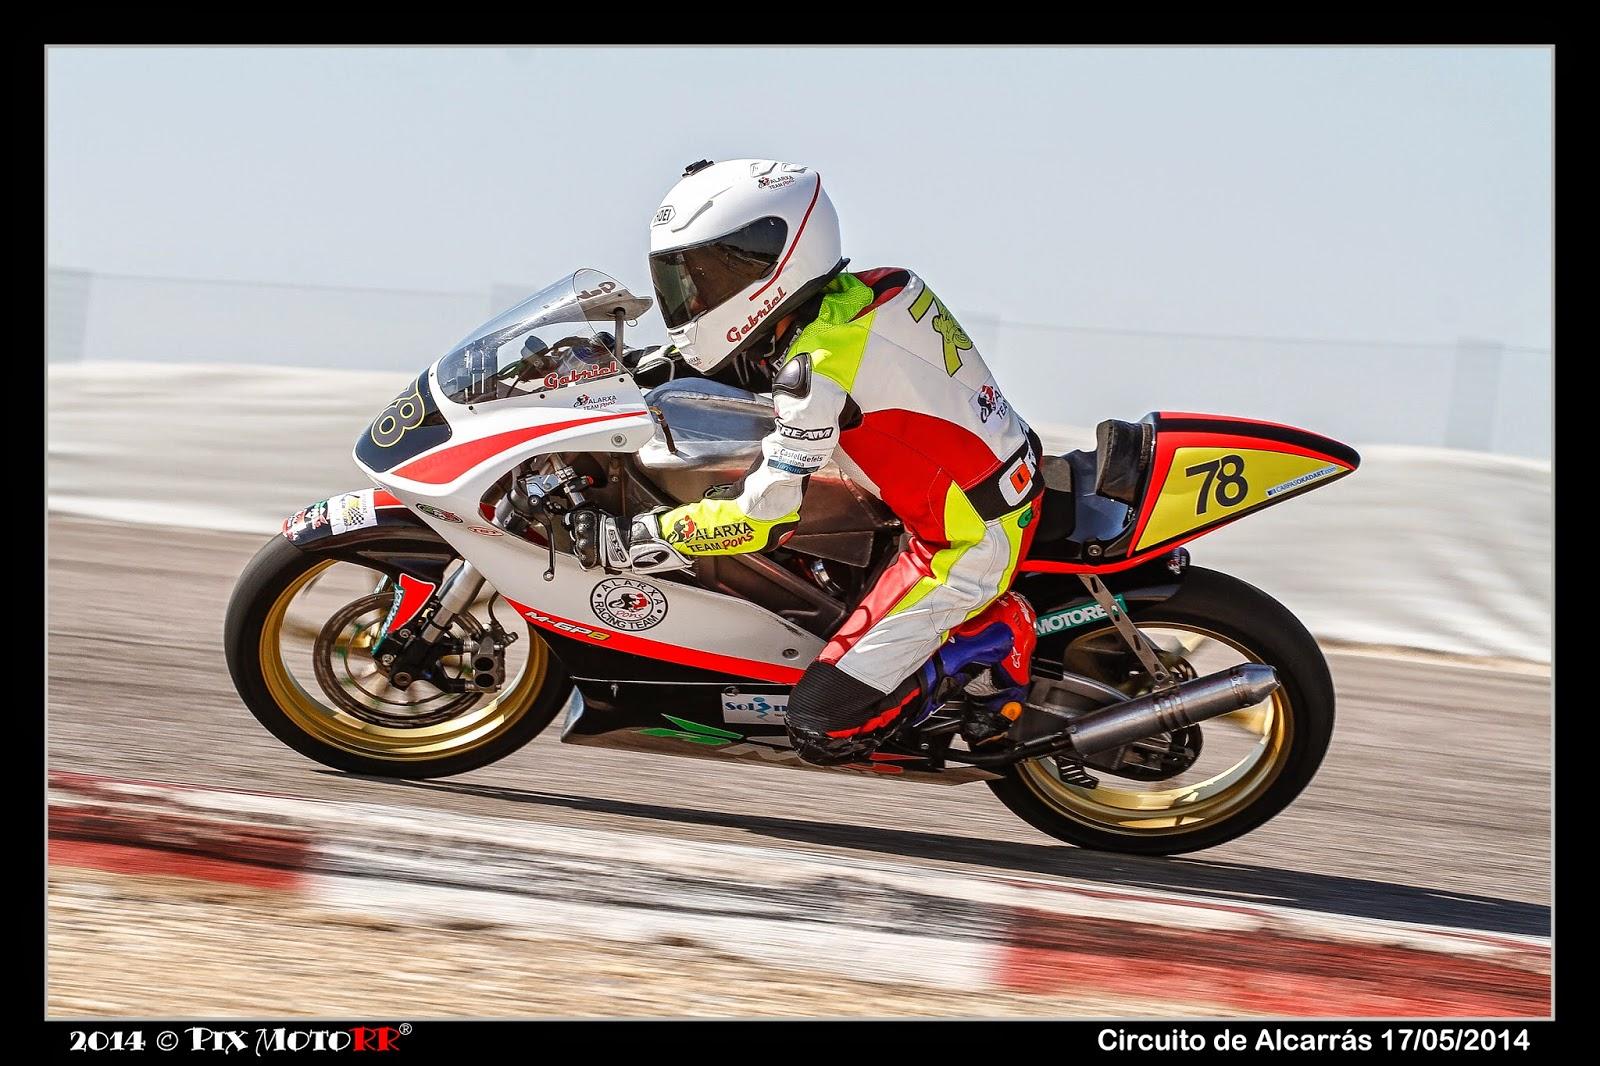 Circuito De Alcarras : Piloto de motociclismo gabriel gonzález ontiveros test rmu